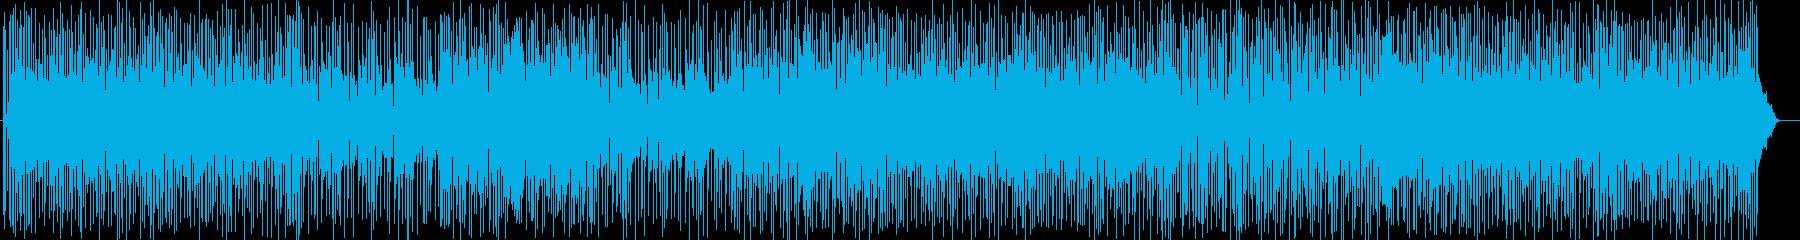 アップテンポの陽気で明るいシンセの曲の再生済みの波形